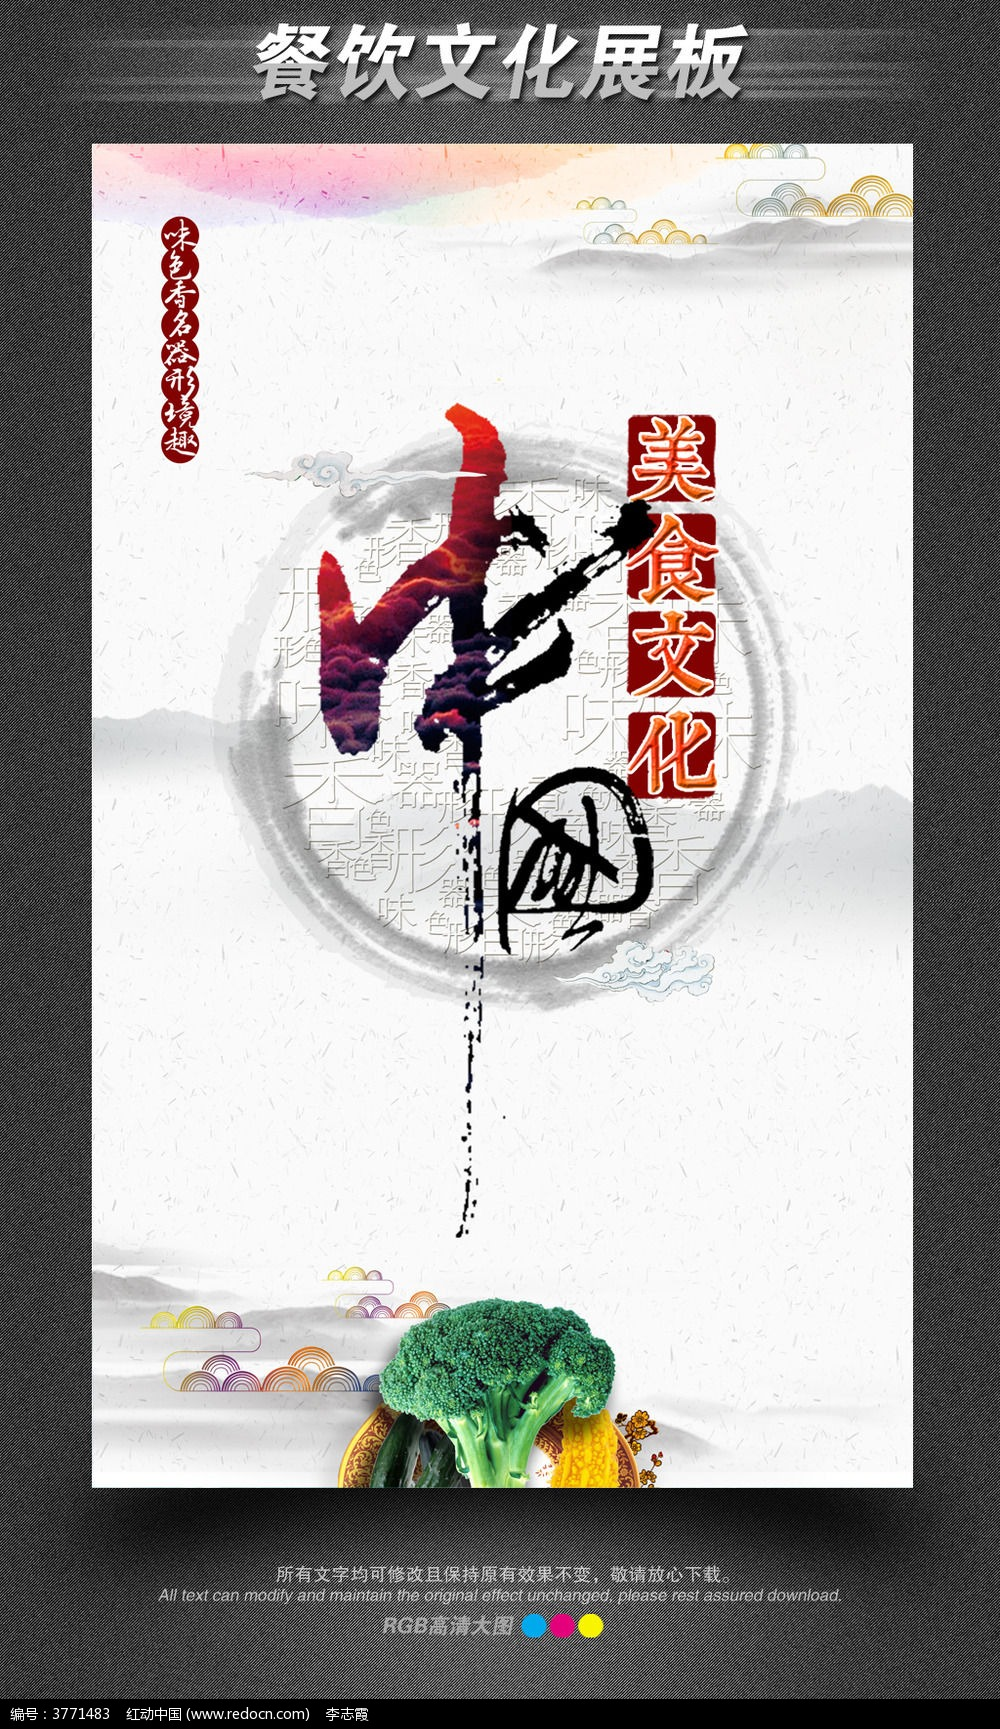 中华美食文化_中华美食文化盘子中的蒸饺图片素材下载_素材